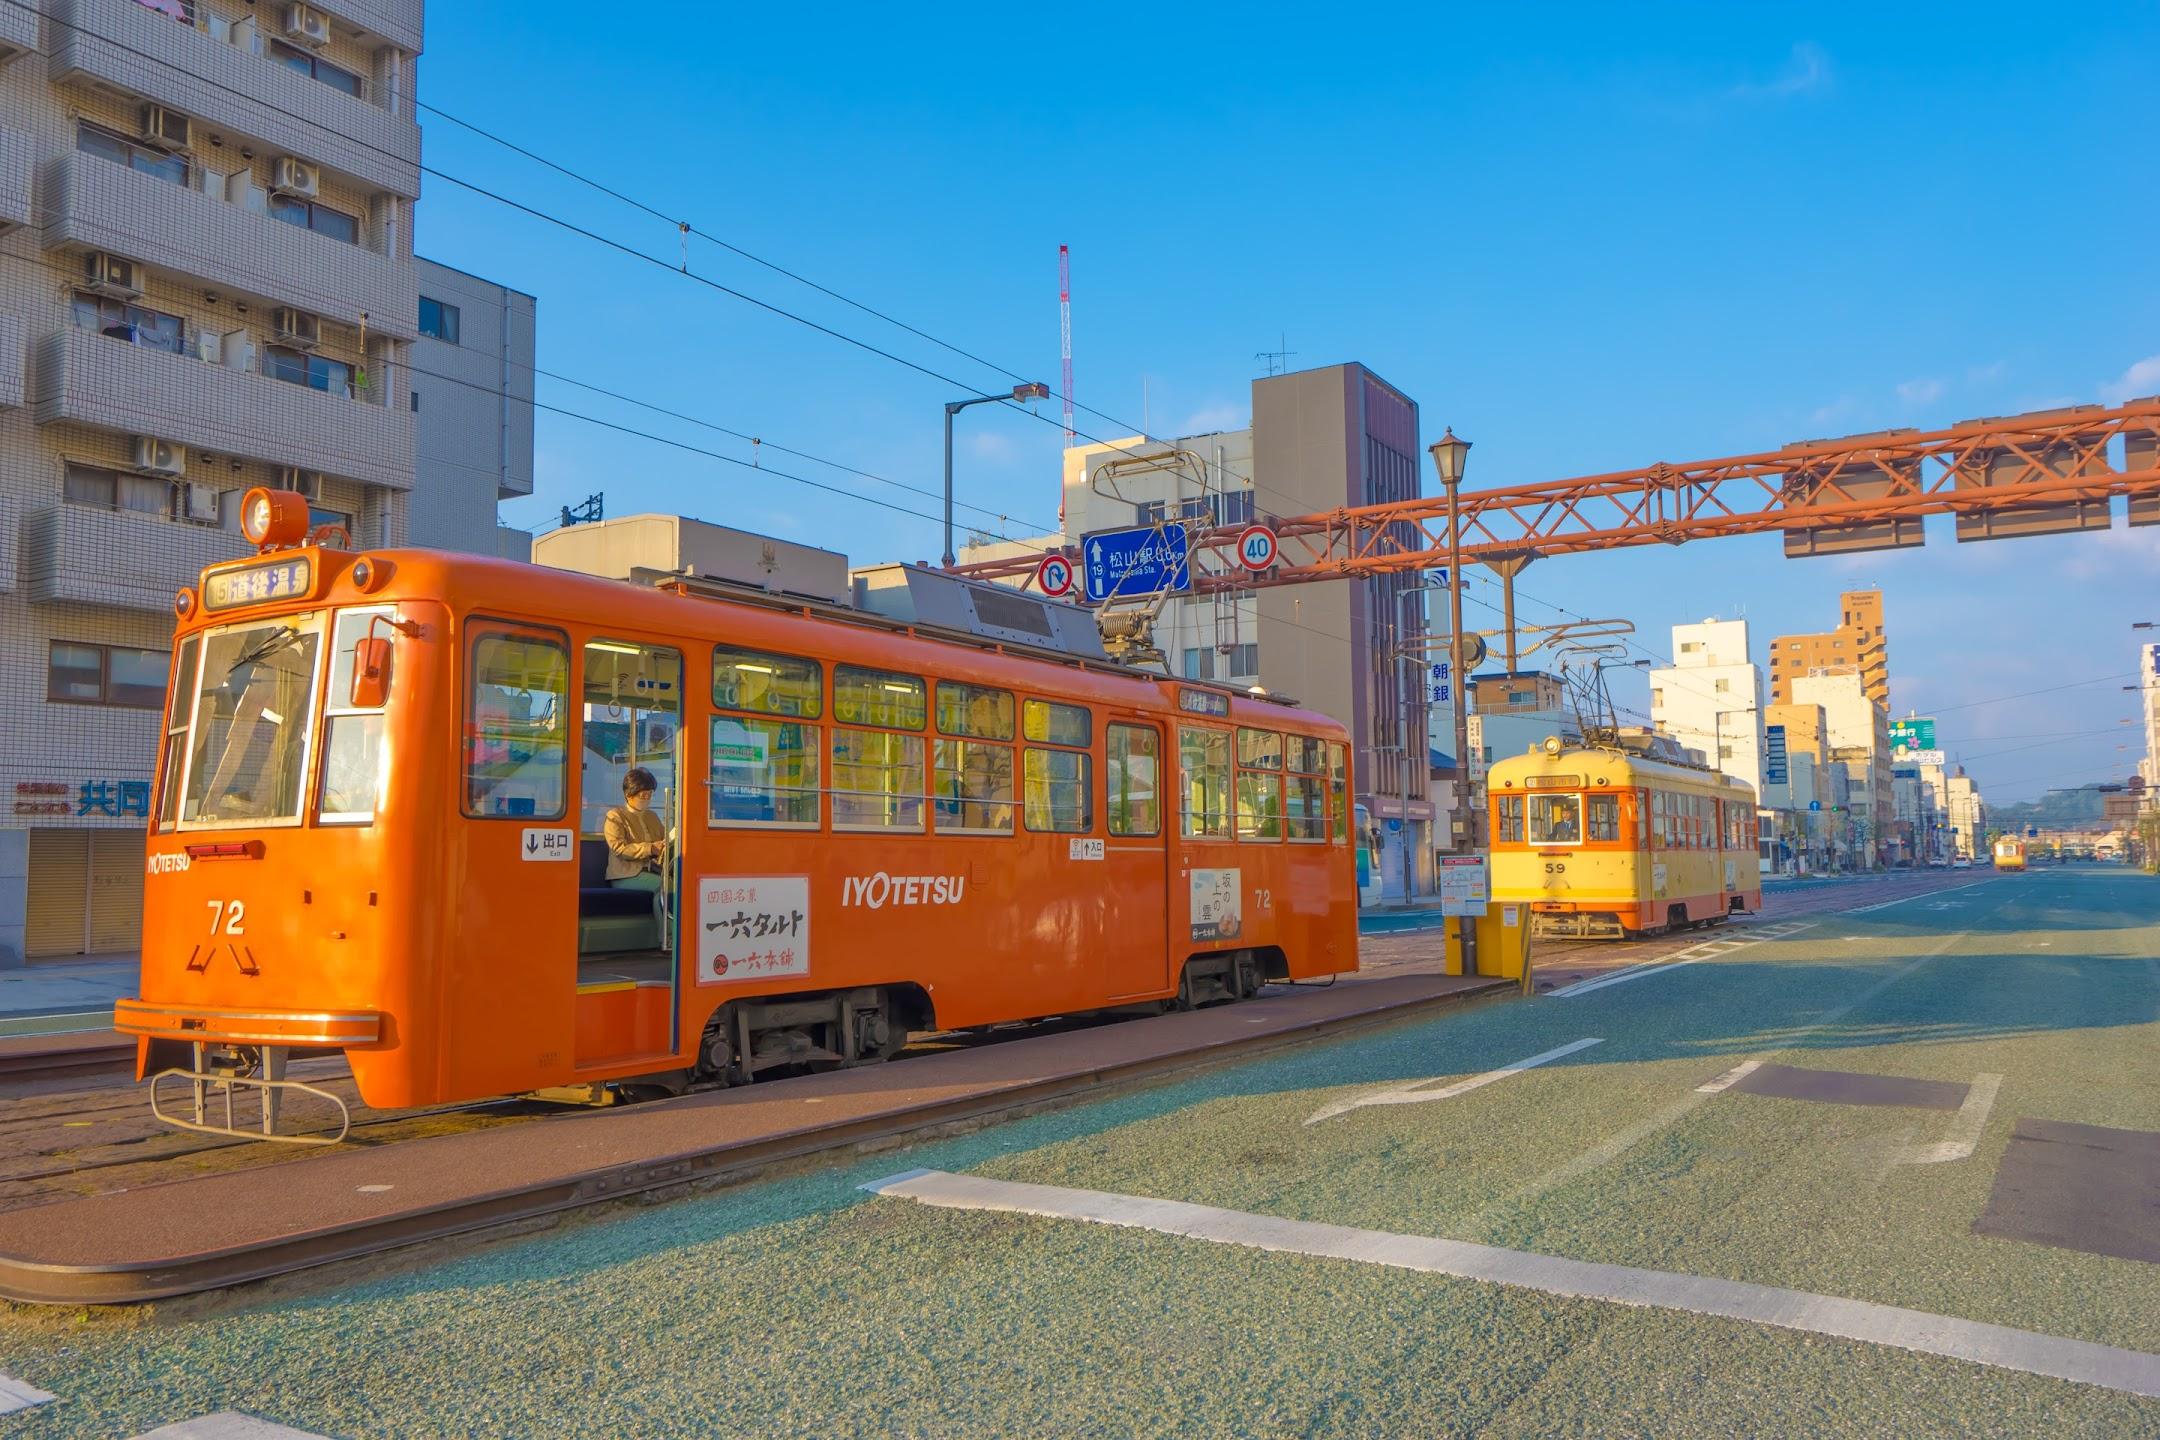 愛媛 松山 市内電車(路面電車)1